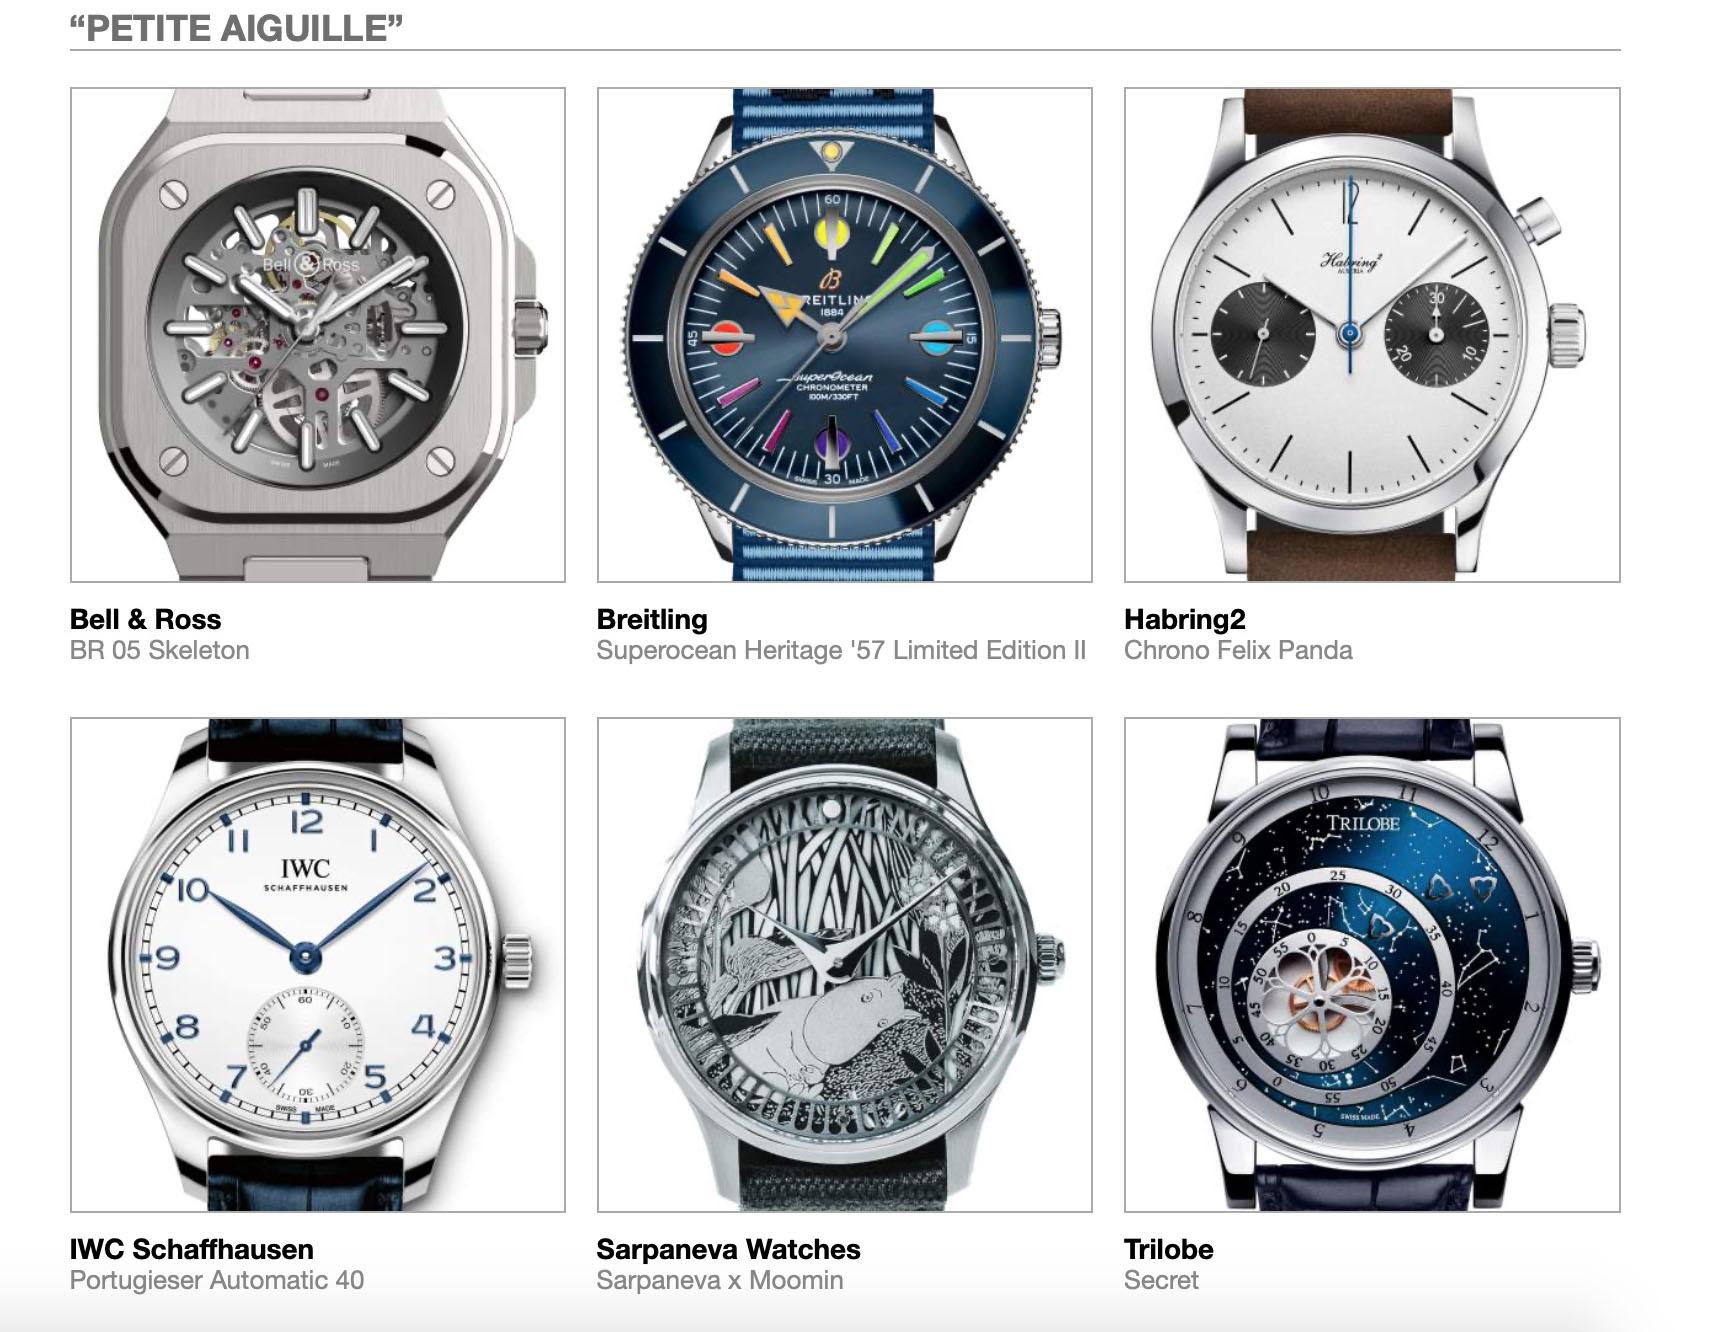 Grand Prix d'Horlogerie de Genève GPHG Academy Nominated Watches 2020 Petite Aiguille